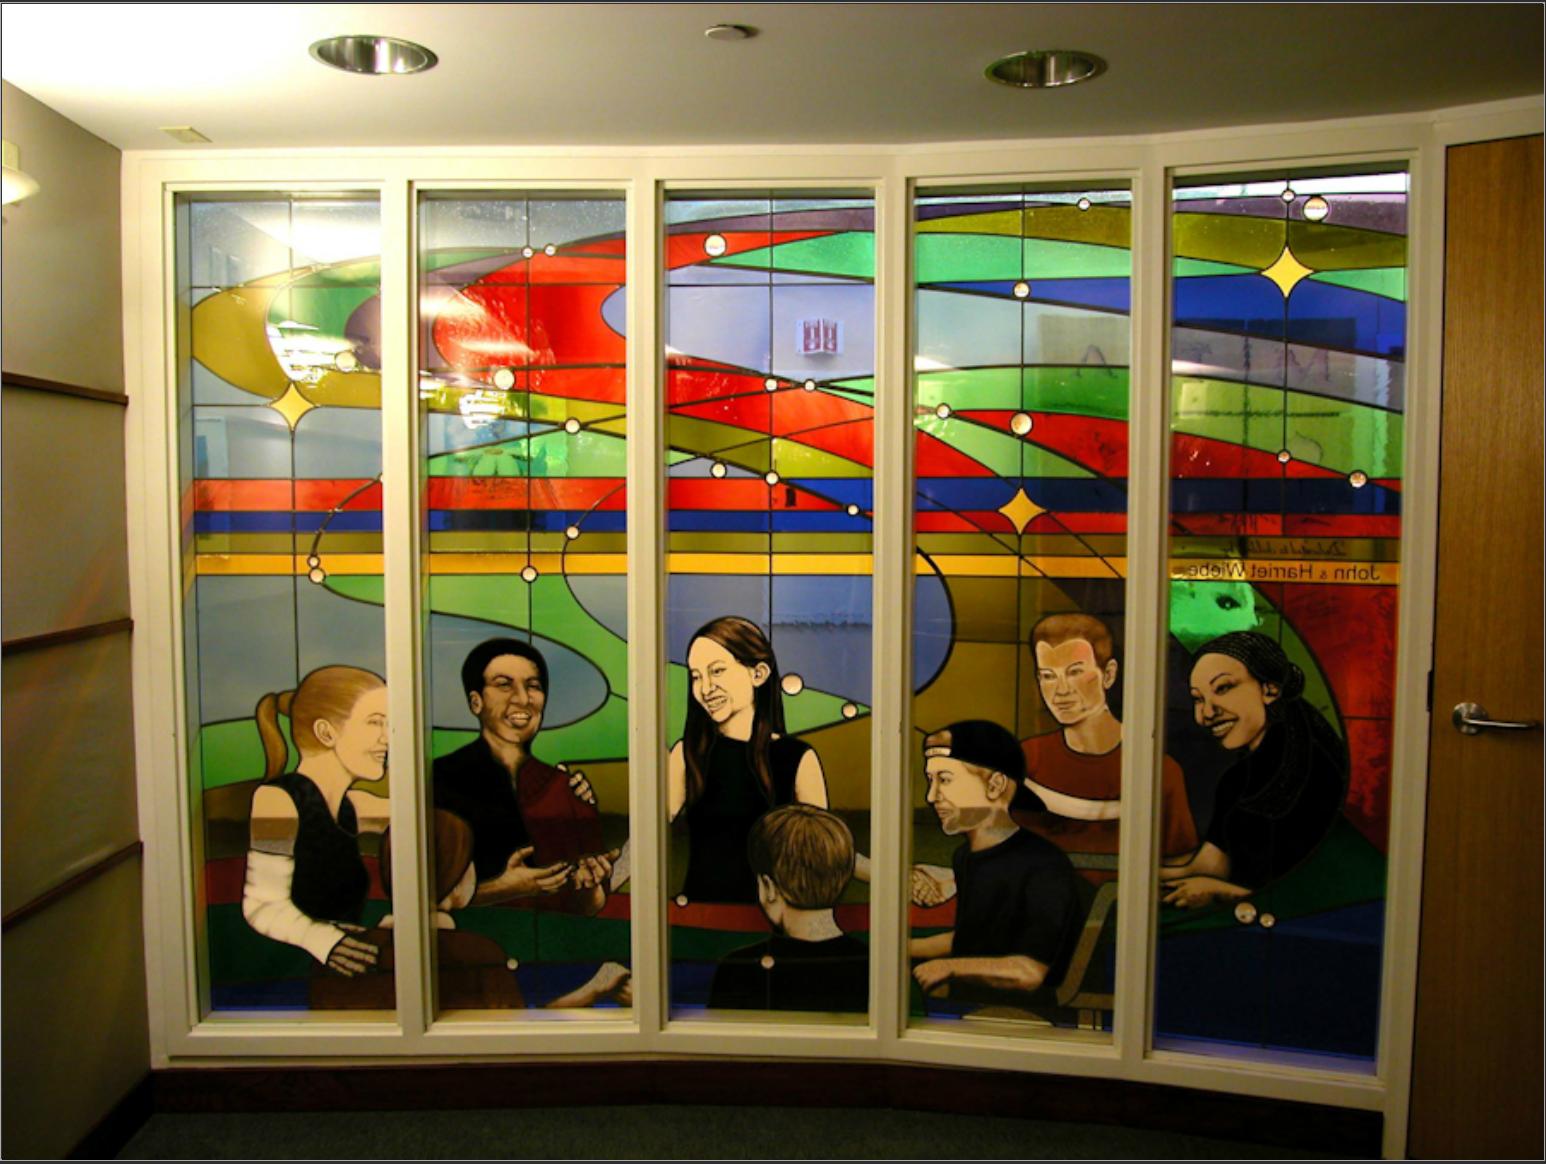 Children's Hospital - Omaha, NE